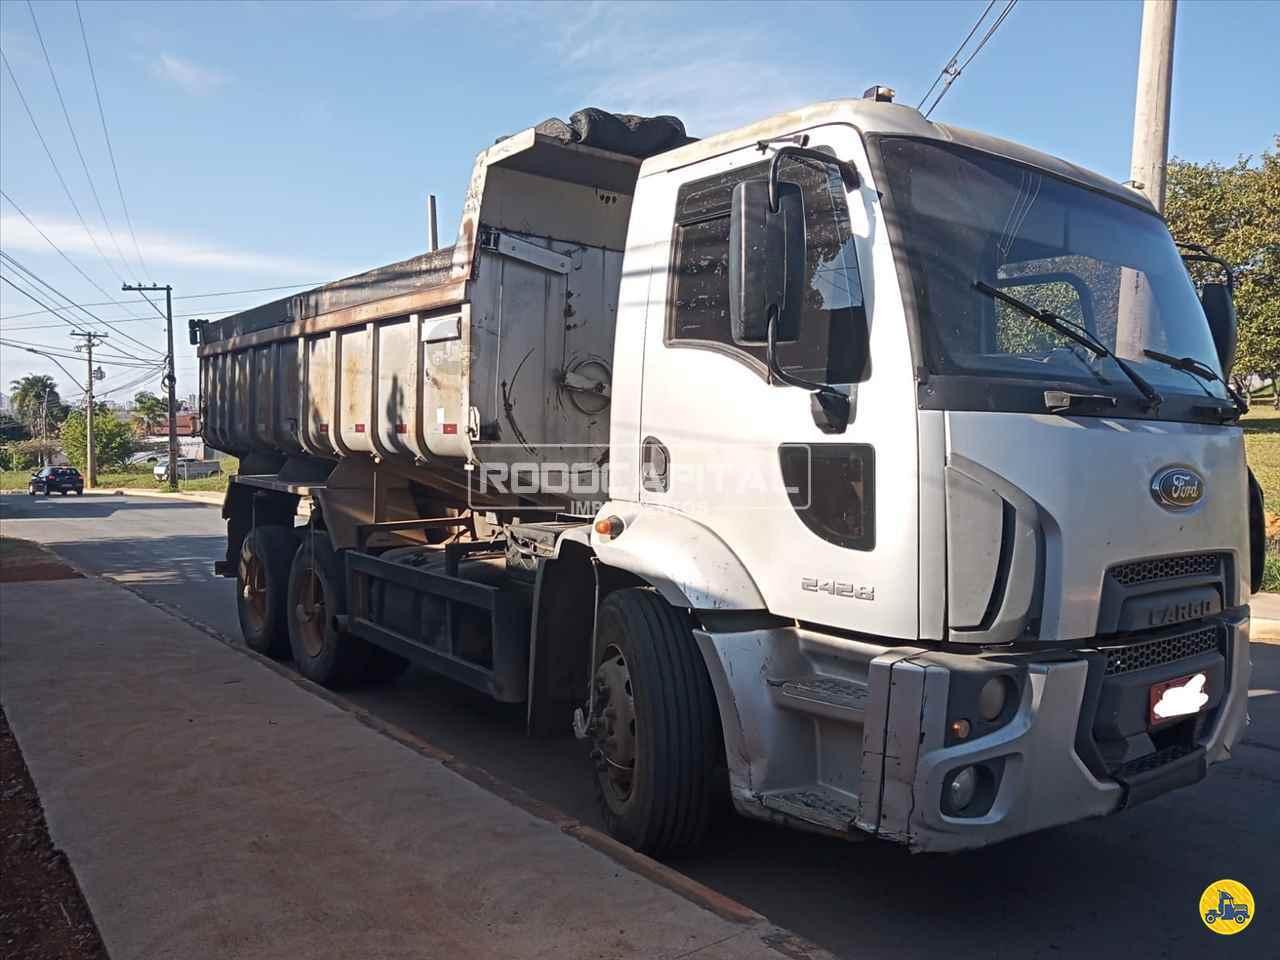 CAMINHAO FORD CARGO 2428 Caçamba Basculante Truck 6x2 RODOCAPITAL Implementos BRASILIA DISTRITO FEDERAL DF